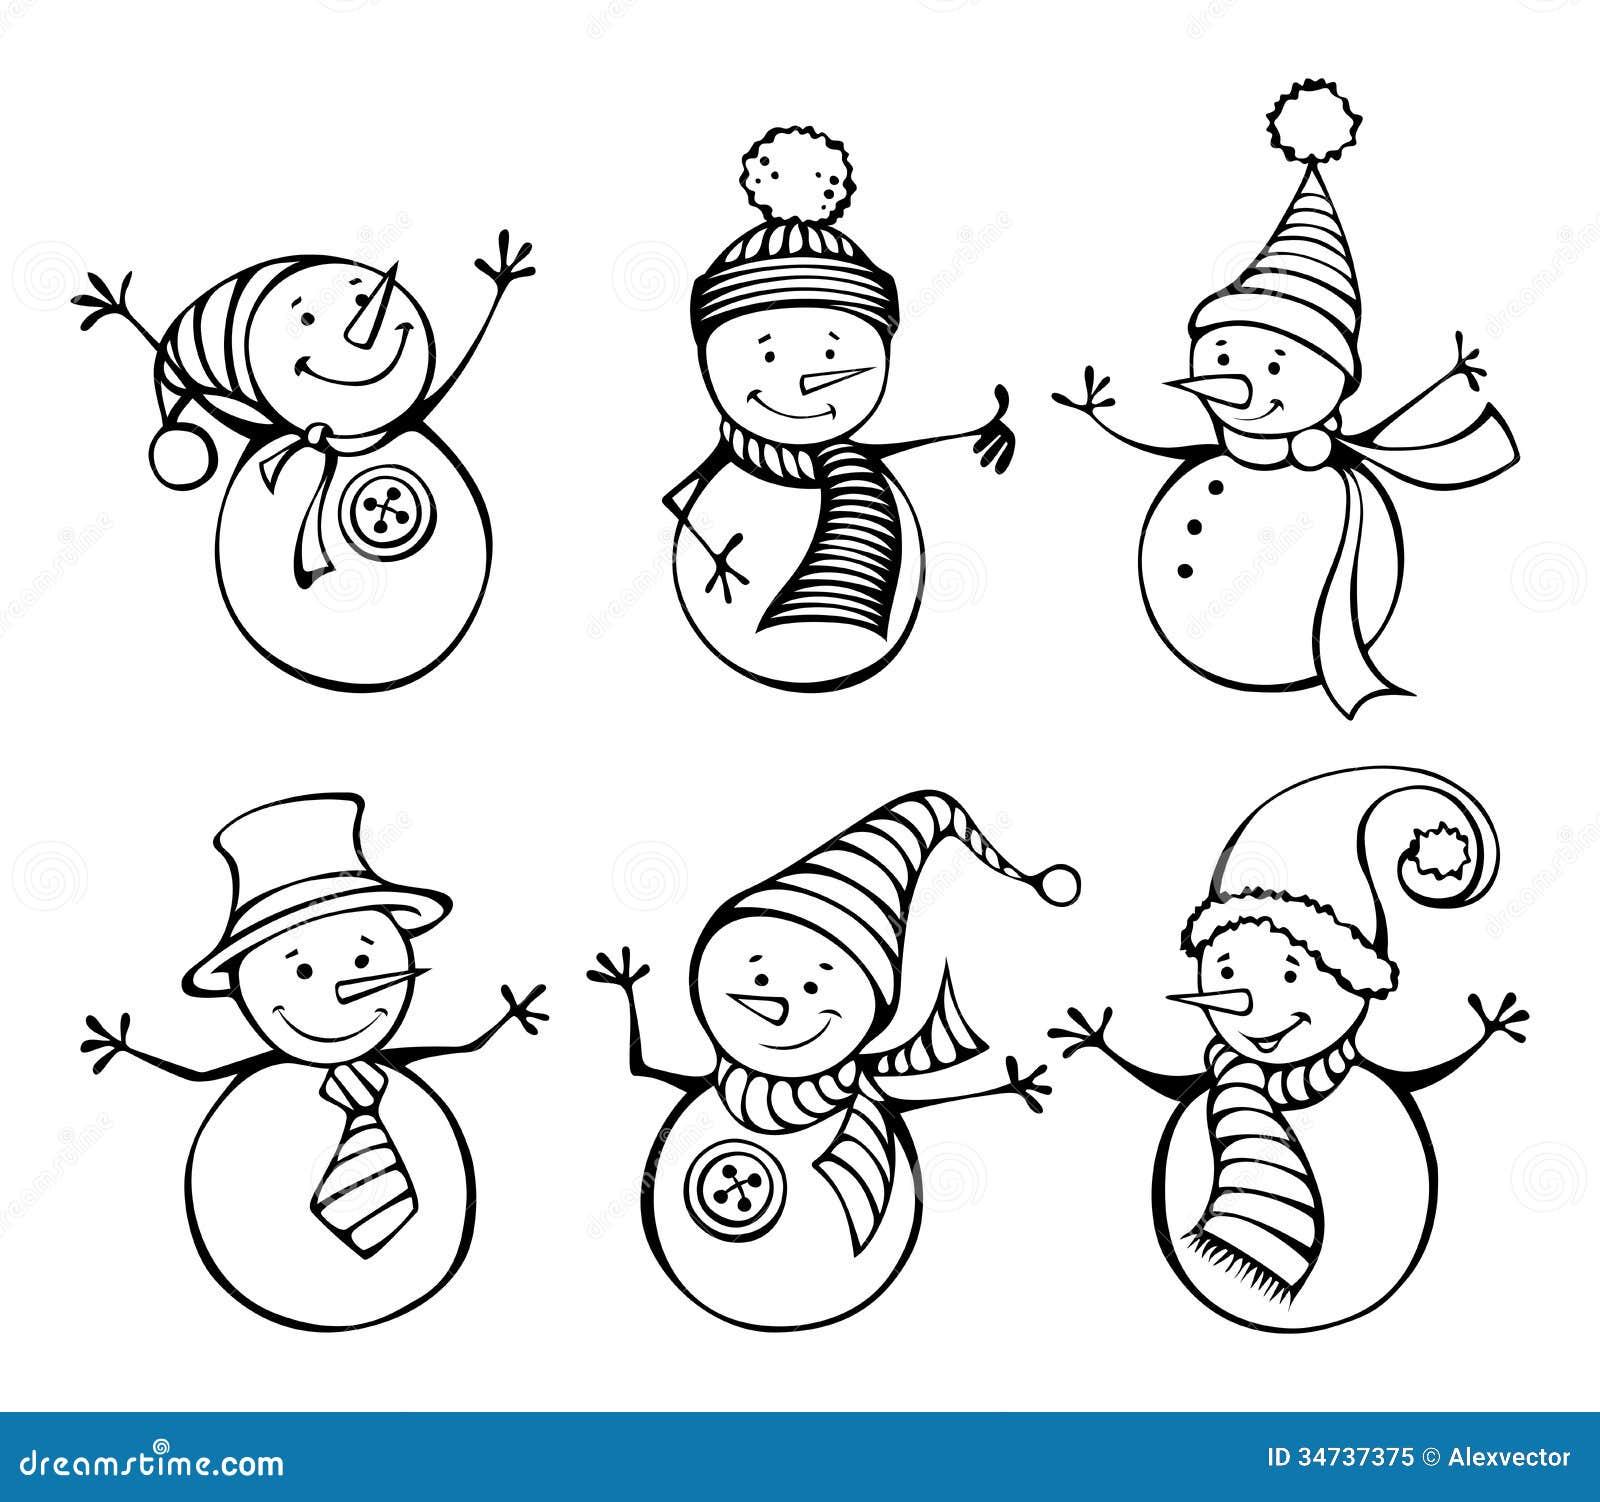 Seis bonecos de neve isolados no fundo branco